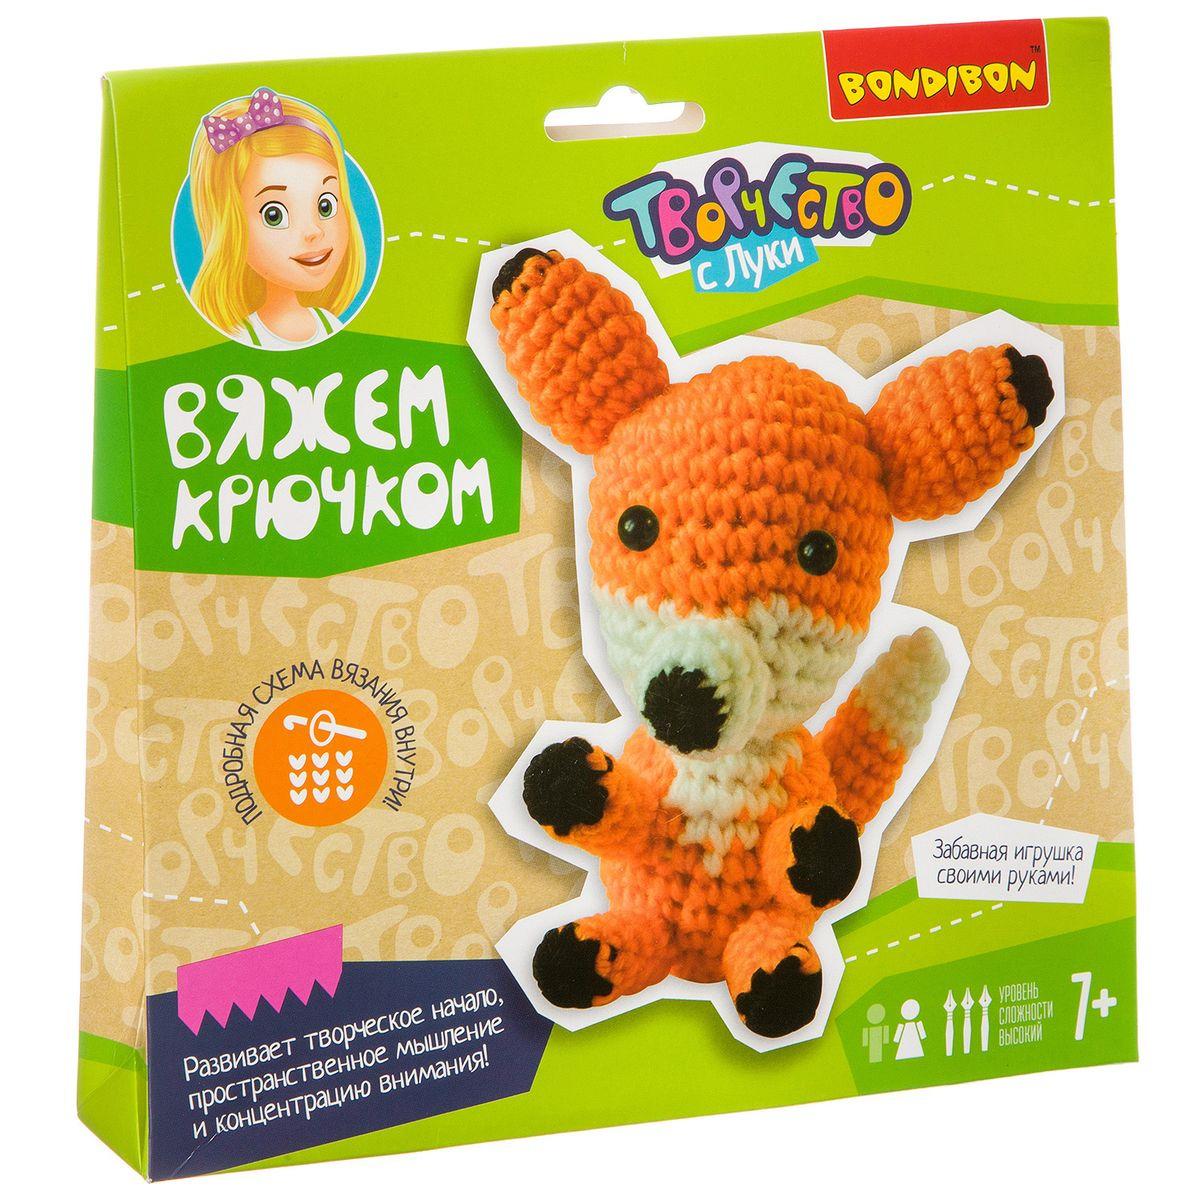 Набор для вязания крючком Bondibon Лисичка набор для вязания prosto игрушки на елку